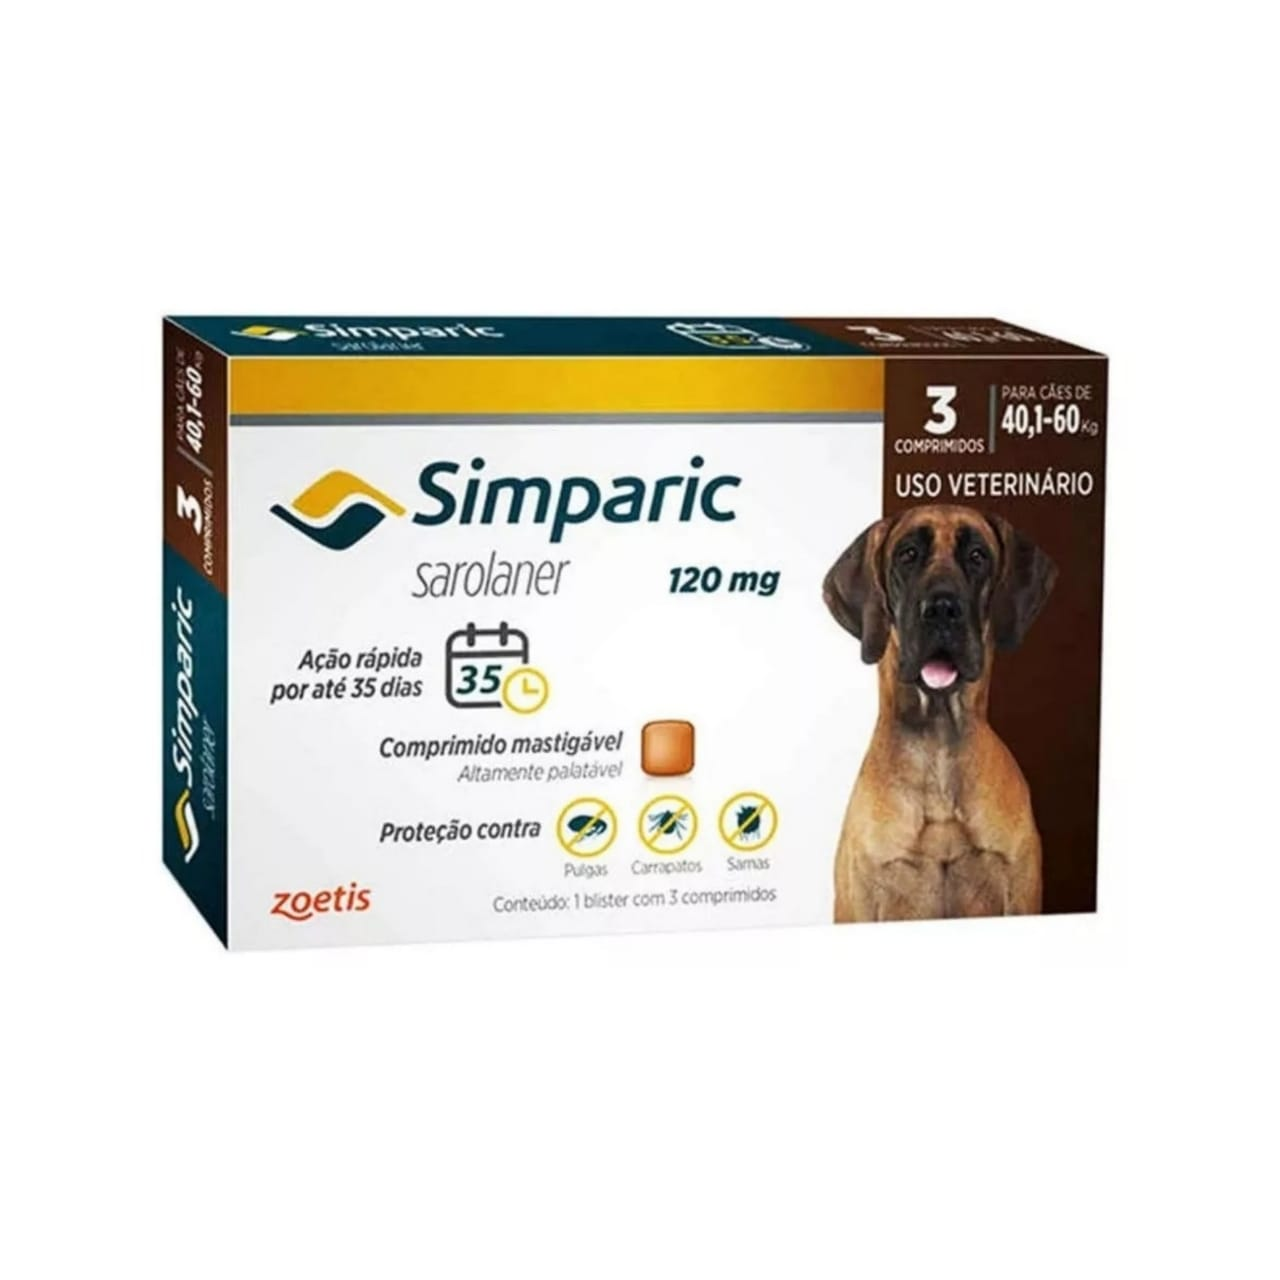 Antipulgas e Carrapatos Simparic 120mg para Caes 40 a 60 Kg - 3 Comprimidos